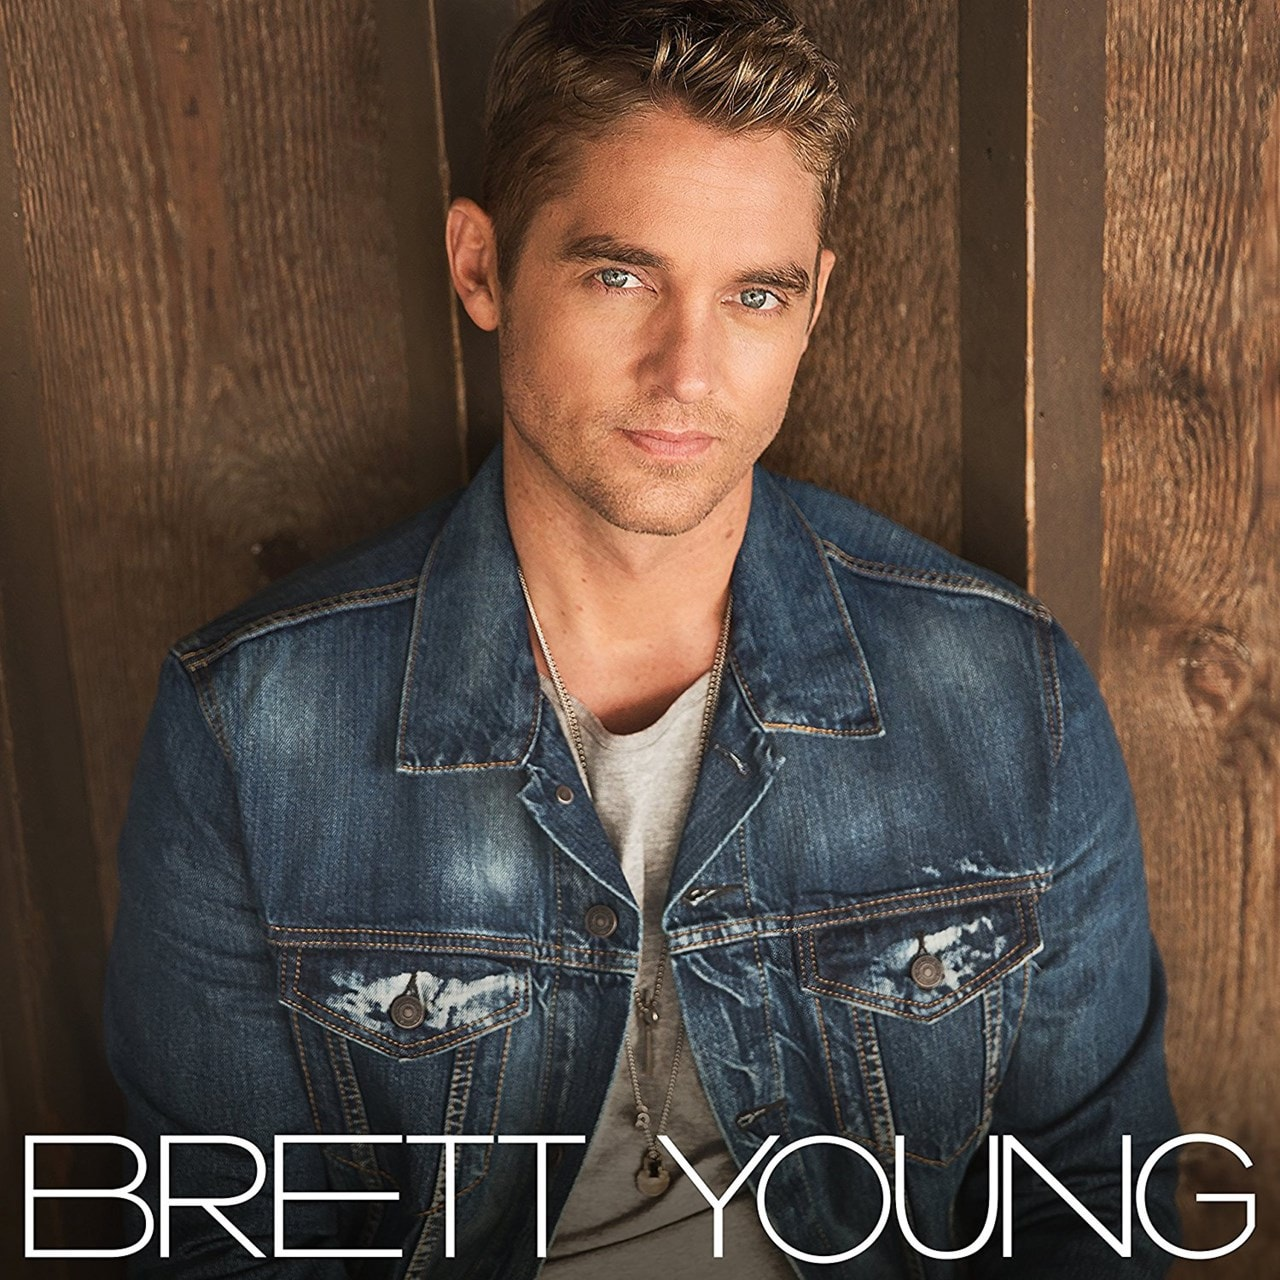 Brett Young - 1